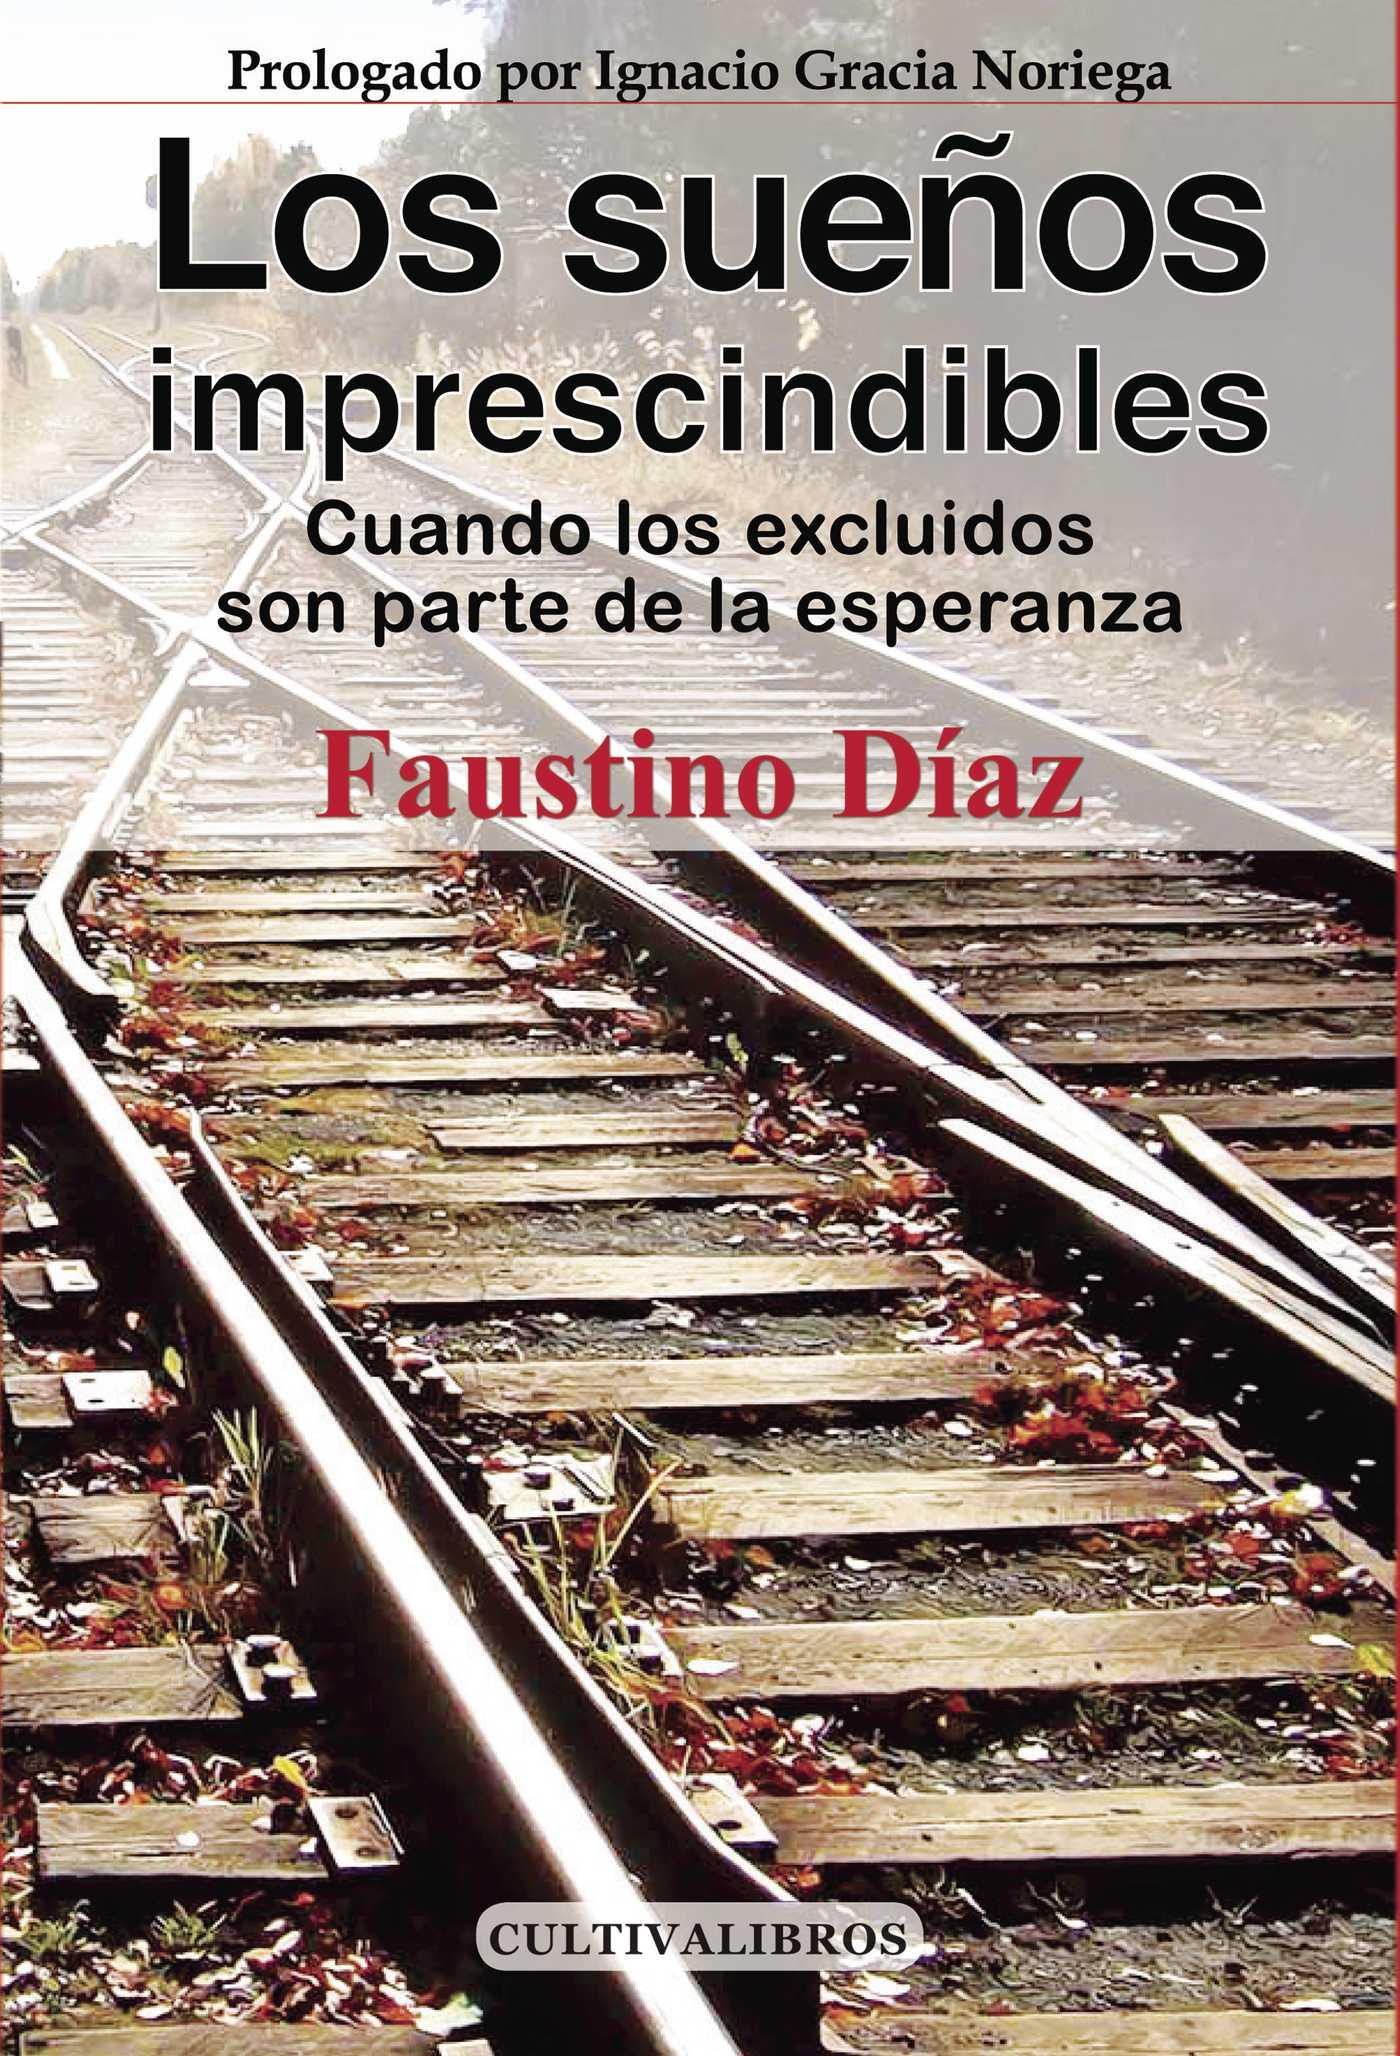 LOS SUEÑOS IMPRESCINDIBLES : CUANDO LOS EXCLUIDOS SON PARTE DE LA ESPERANZA